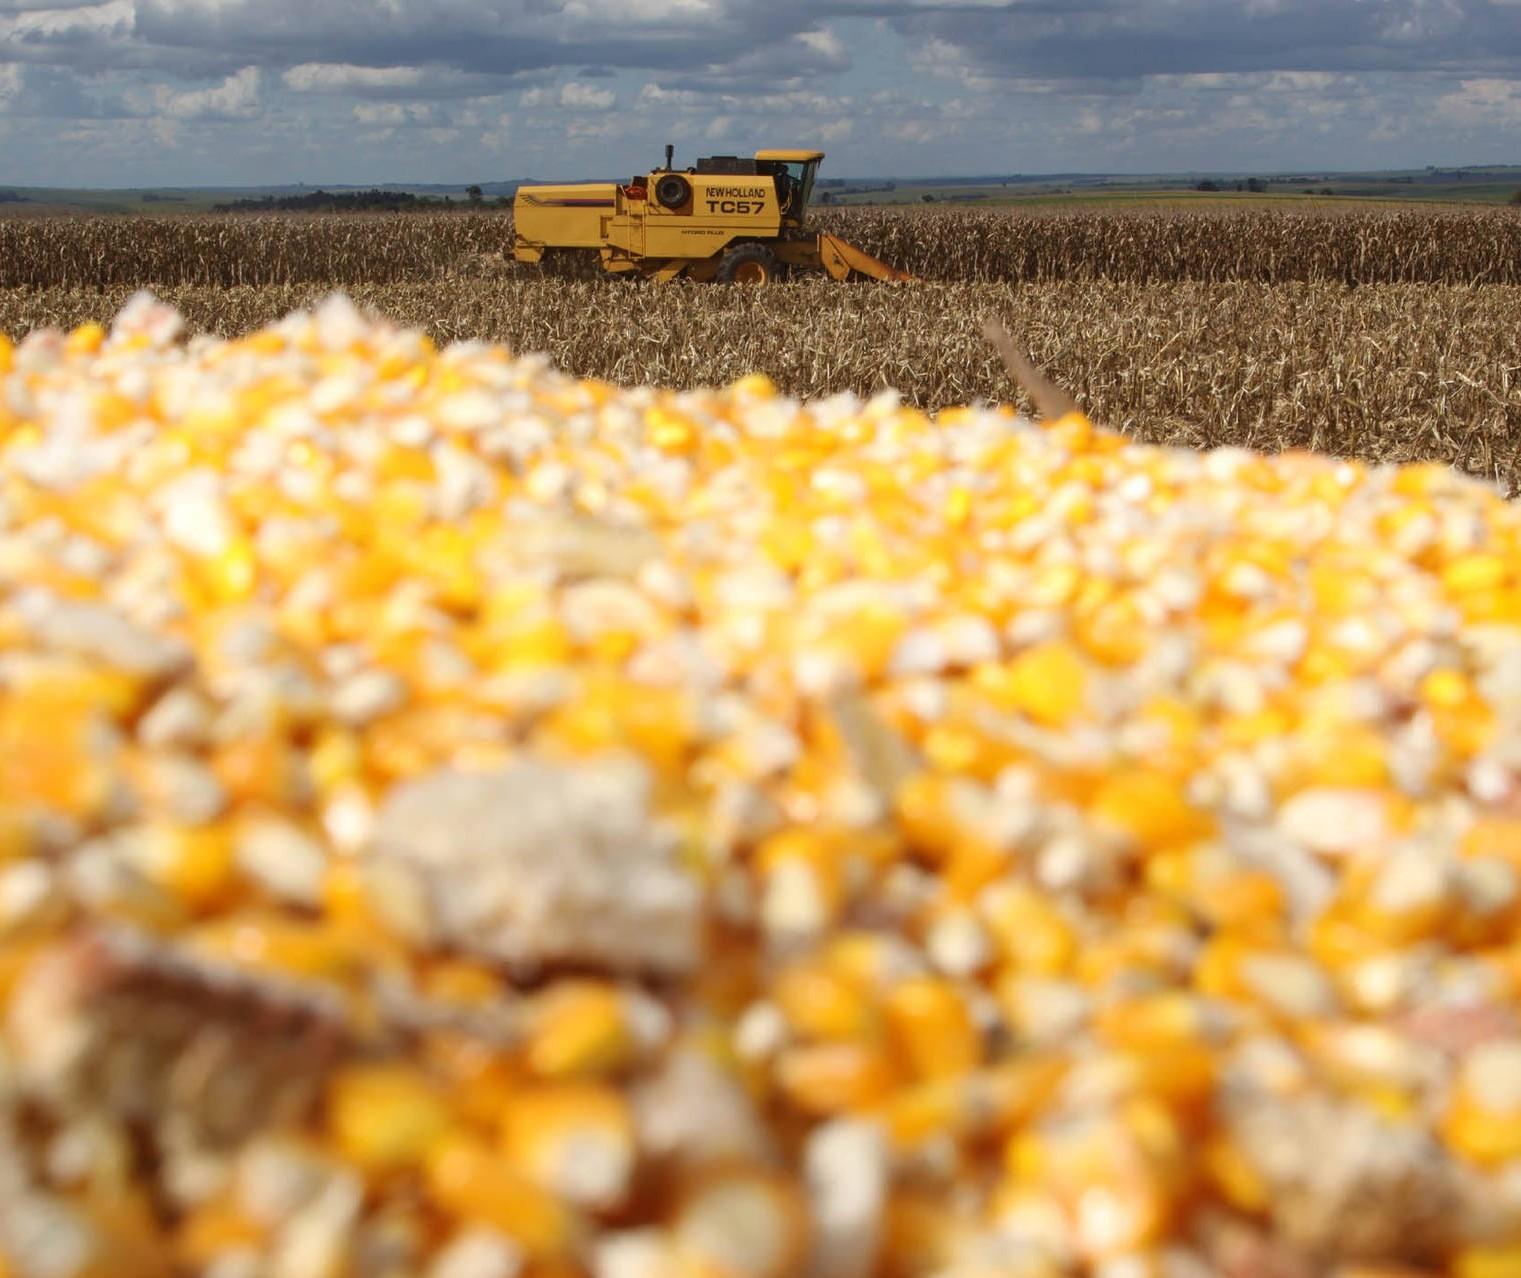 Estoques de milho brasileiro encontram-se pressionados